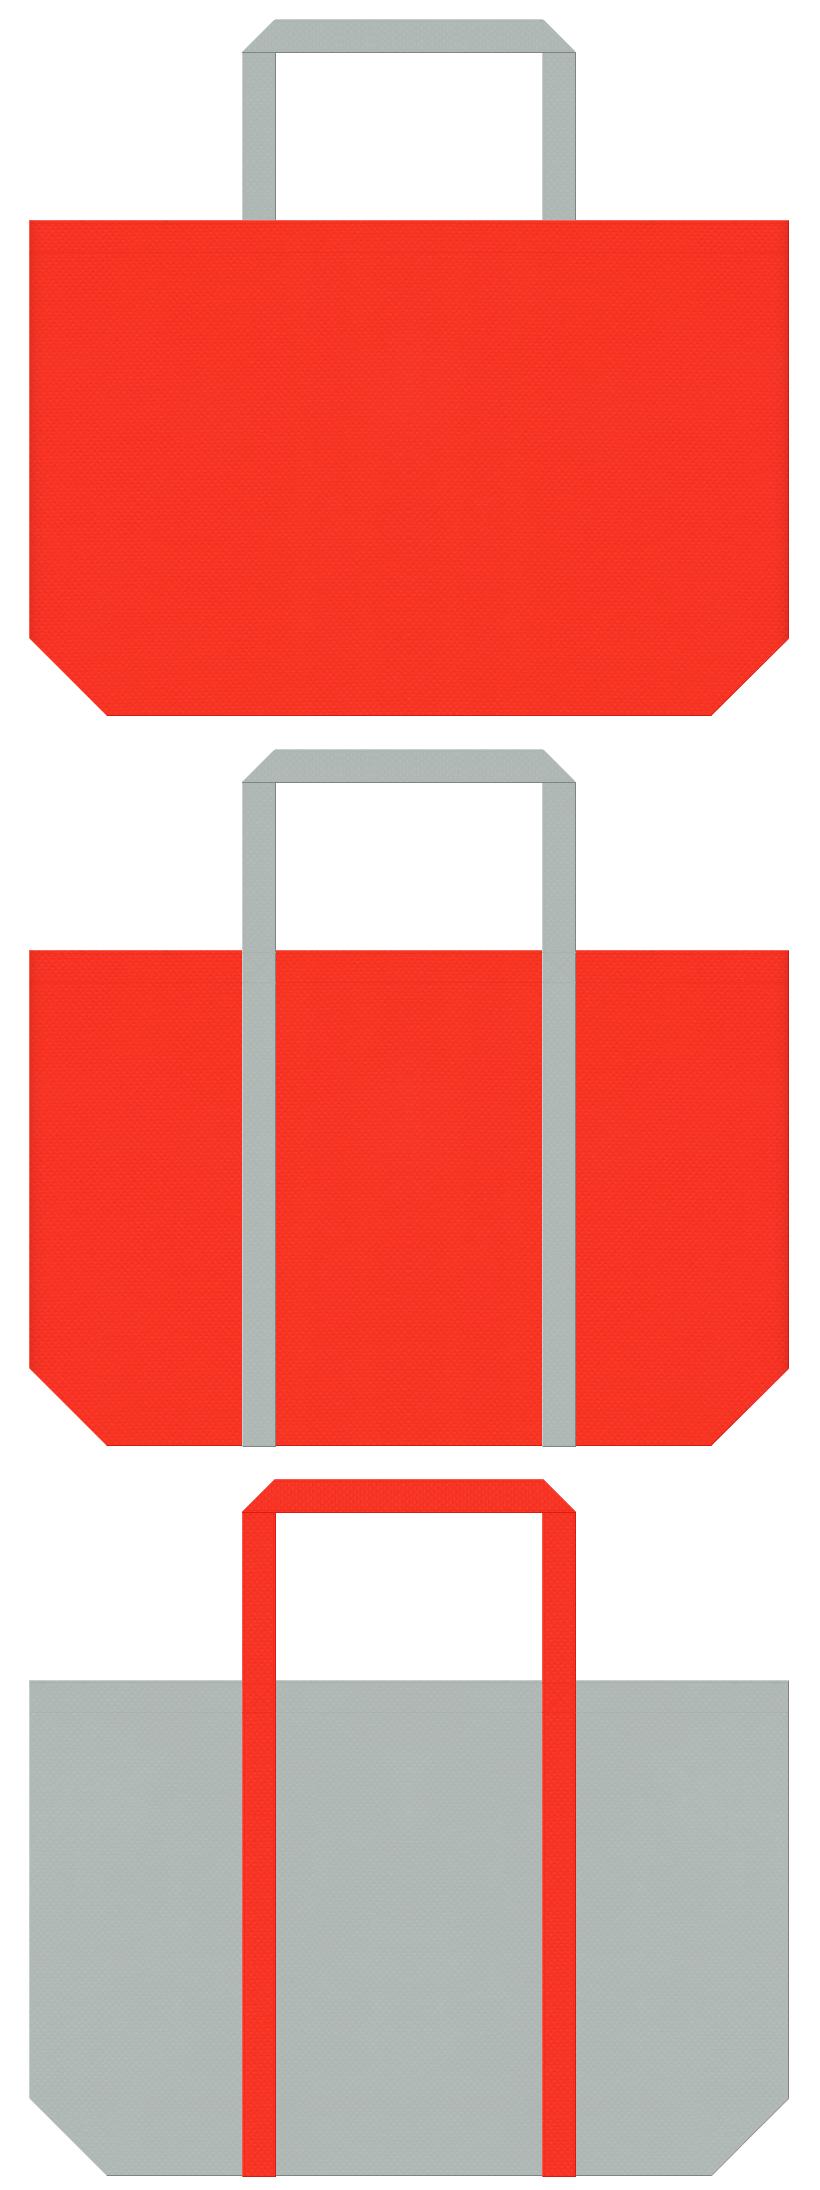 ロボット・ラジコン・プラモデル・ホビーのショッピングバッグにお奨めの不織布バッグデザイン:オレンジ色とグレー色のコーデ